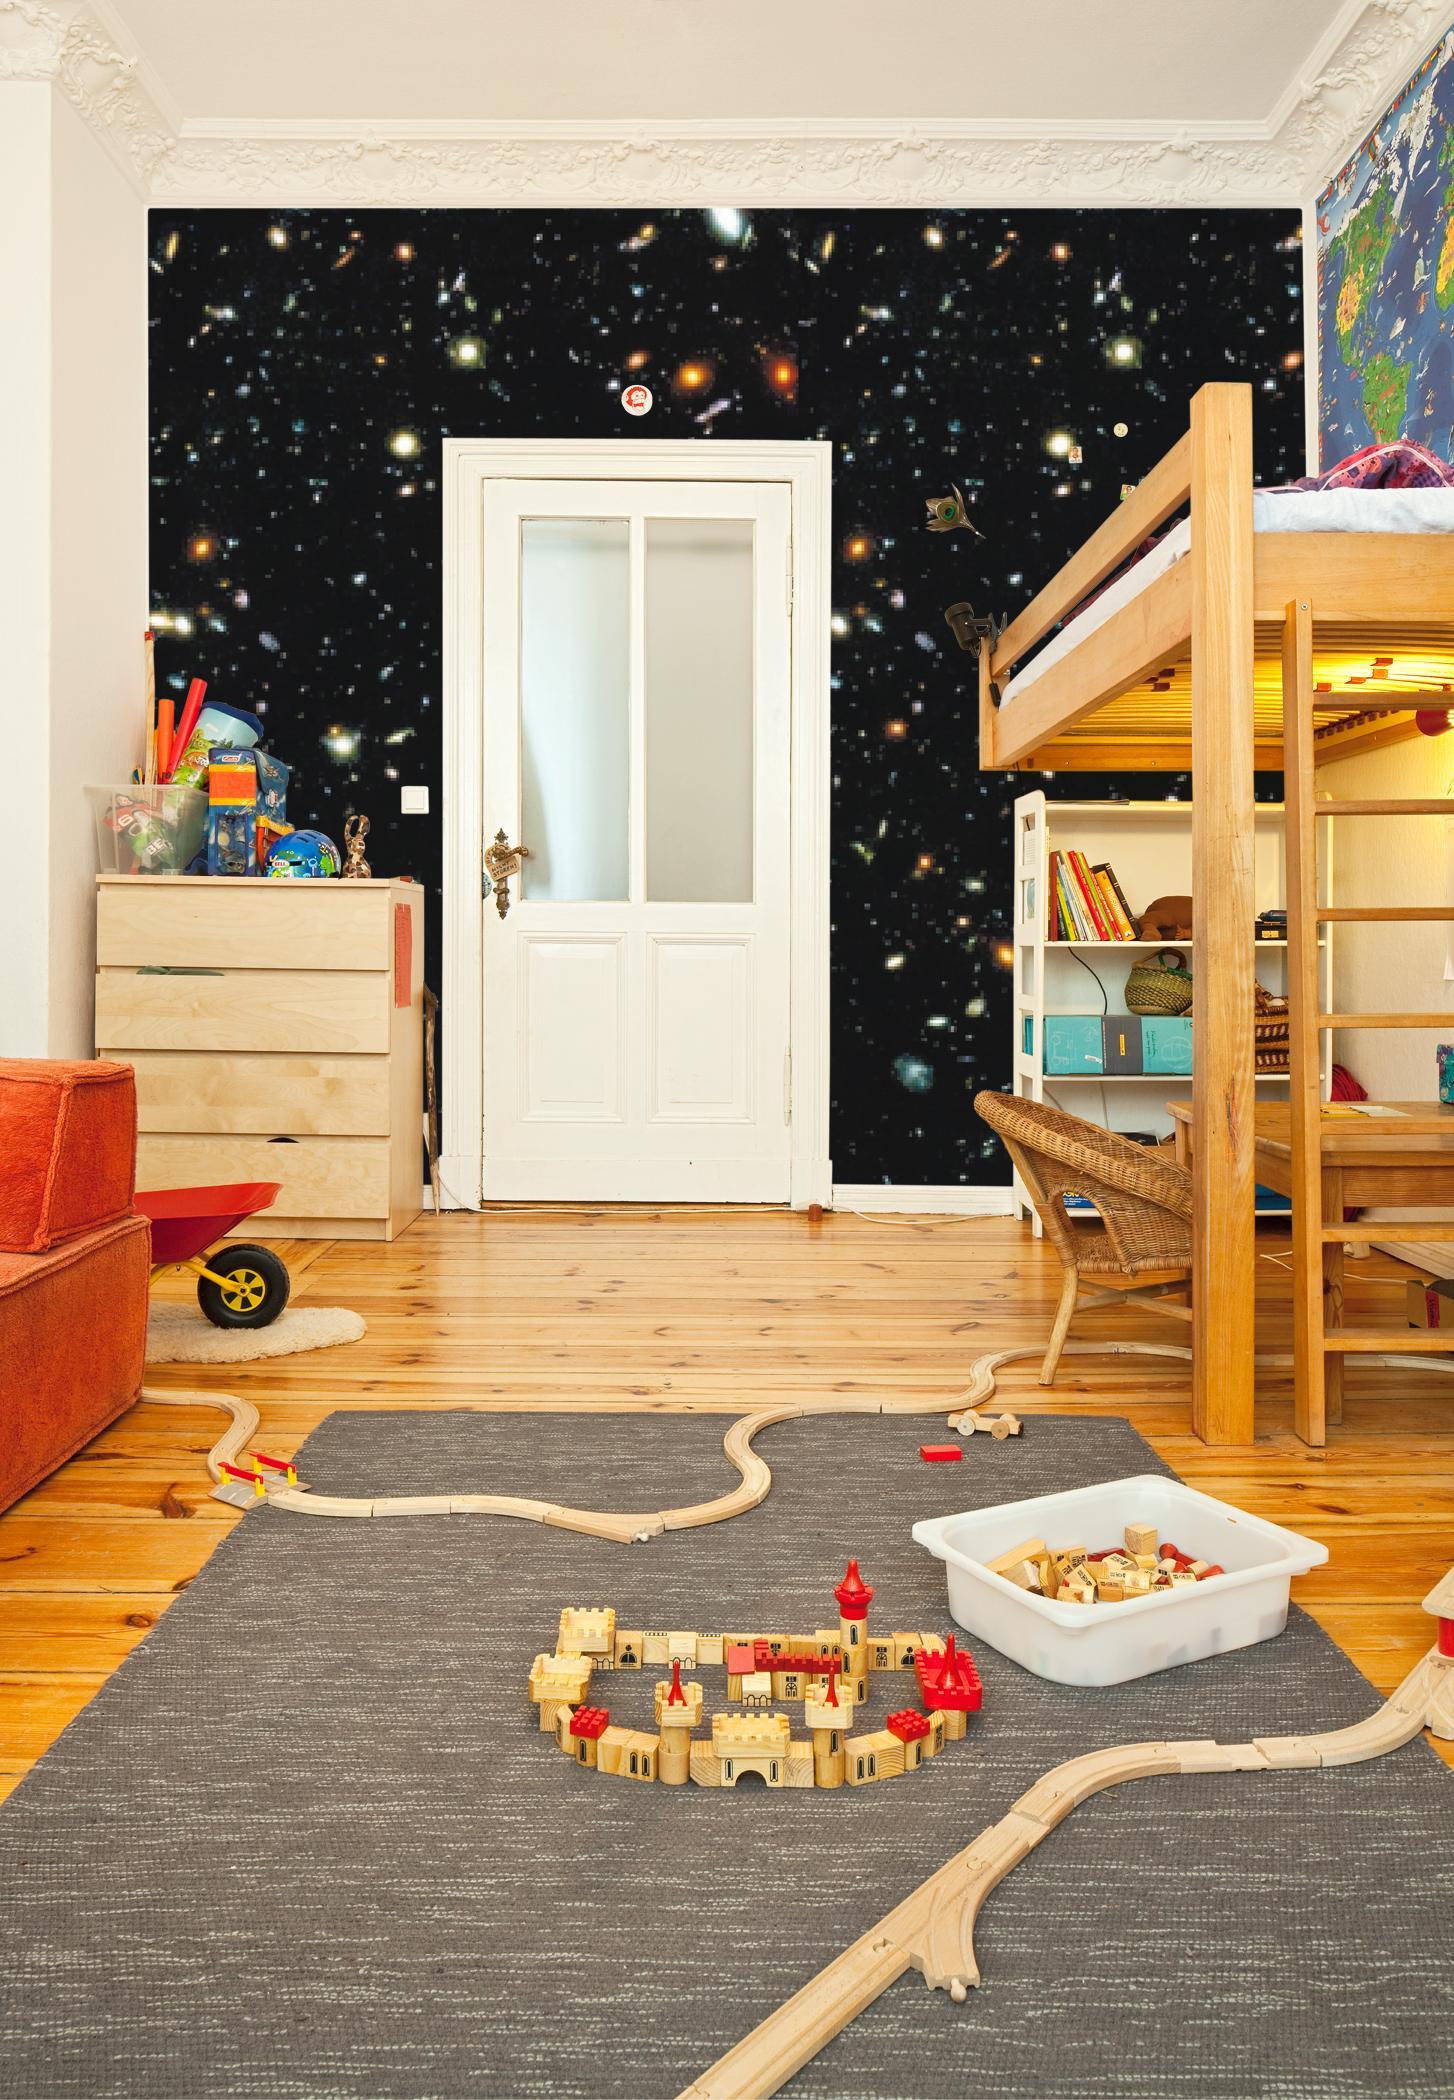 Tapetenmuster bilder ideen couch - Kinderzimmer tapete ideen ...